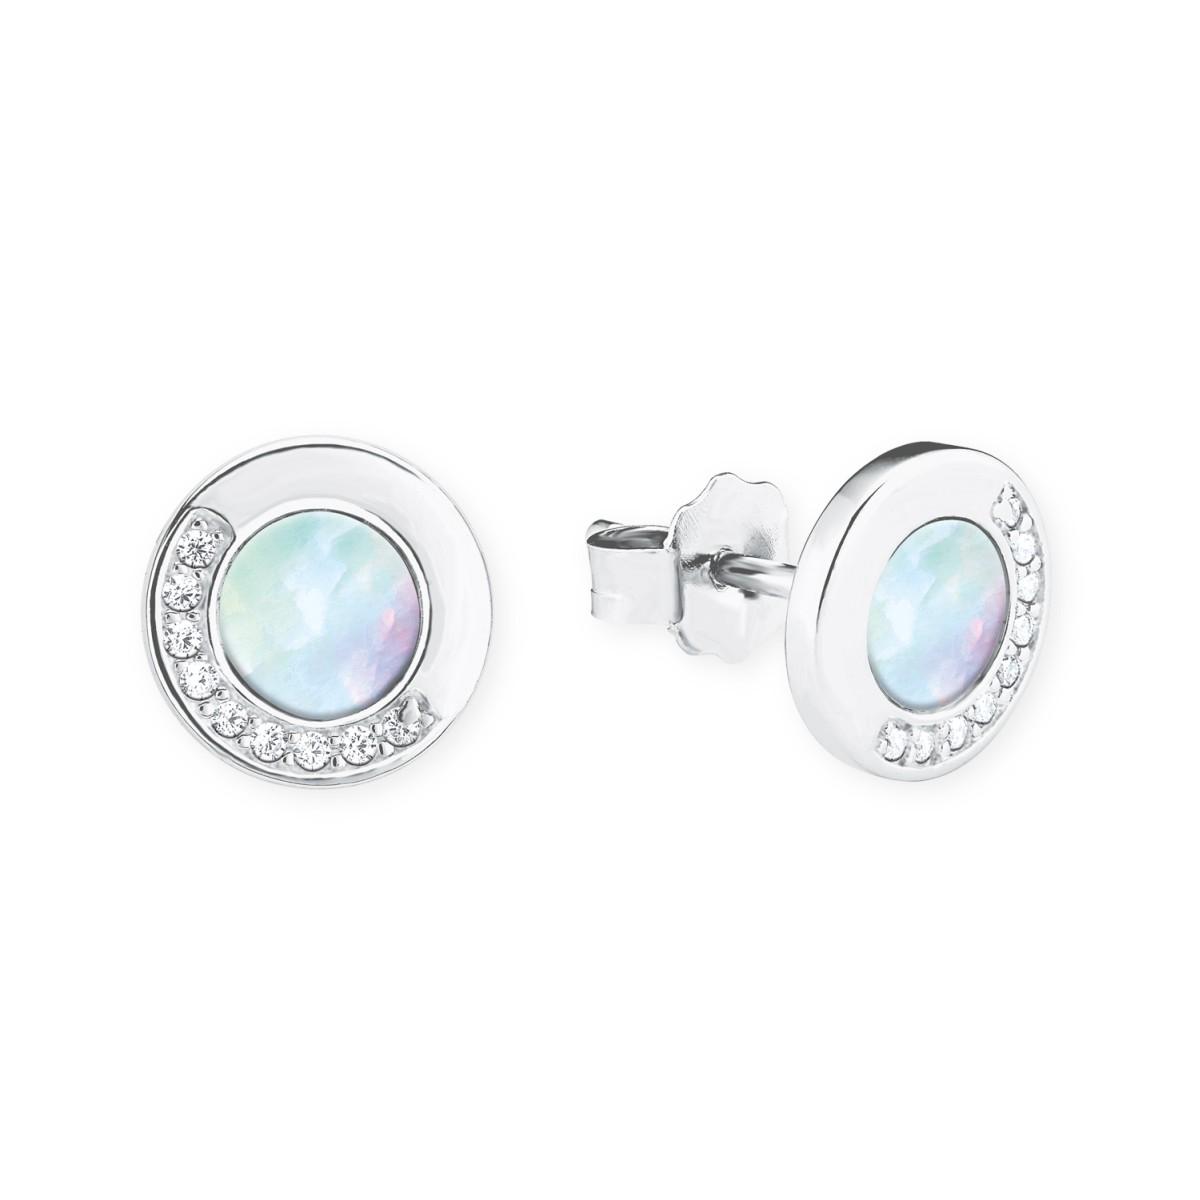 Dauerhafter Service riesige Auswahl an heiße neue Produkte s.Oliver Jewel Damen Ohrringe Silber Zirkonia Perlmutt 2020979